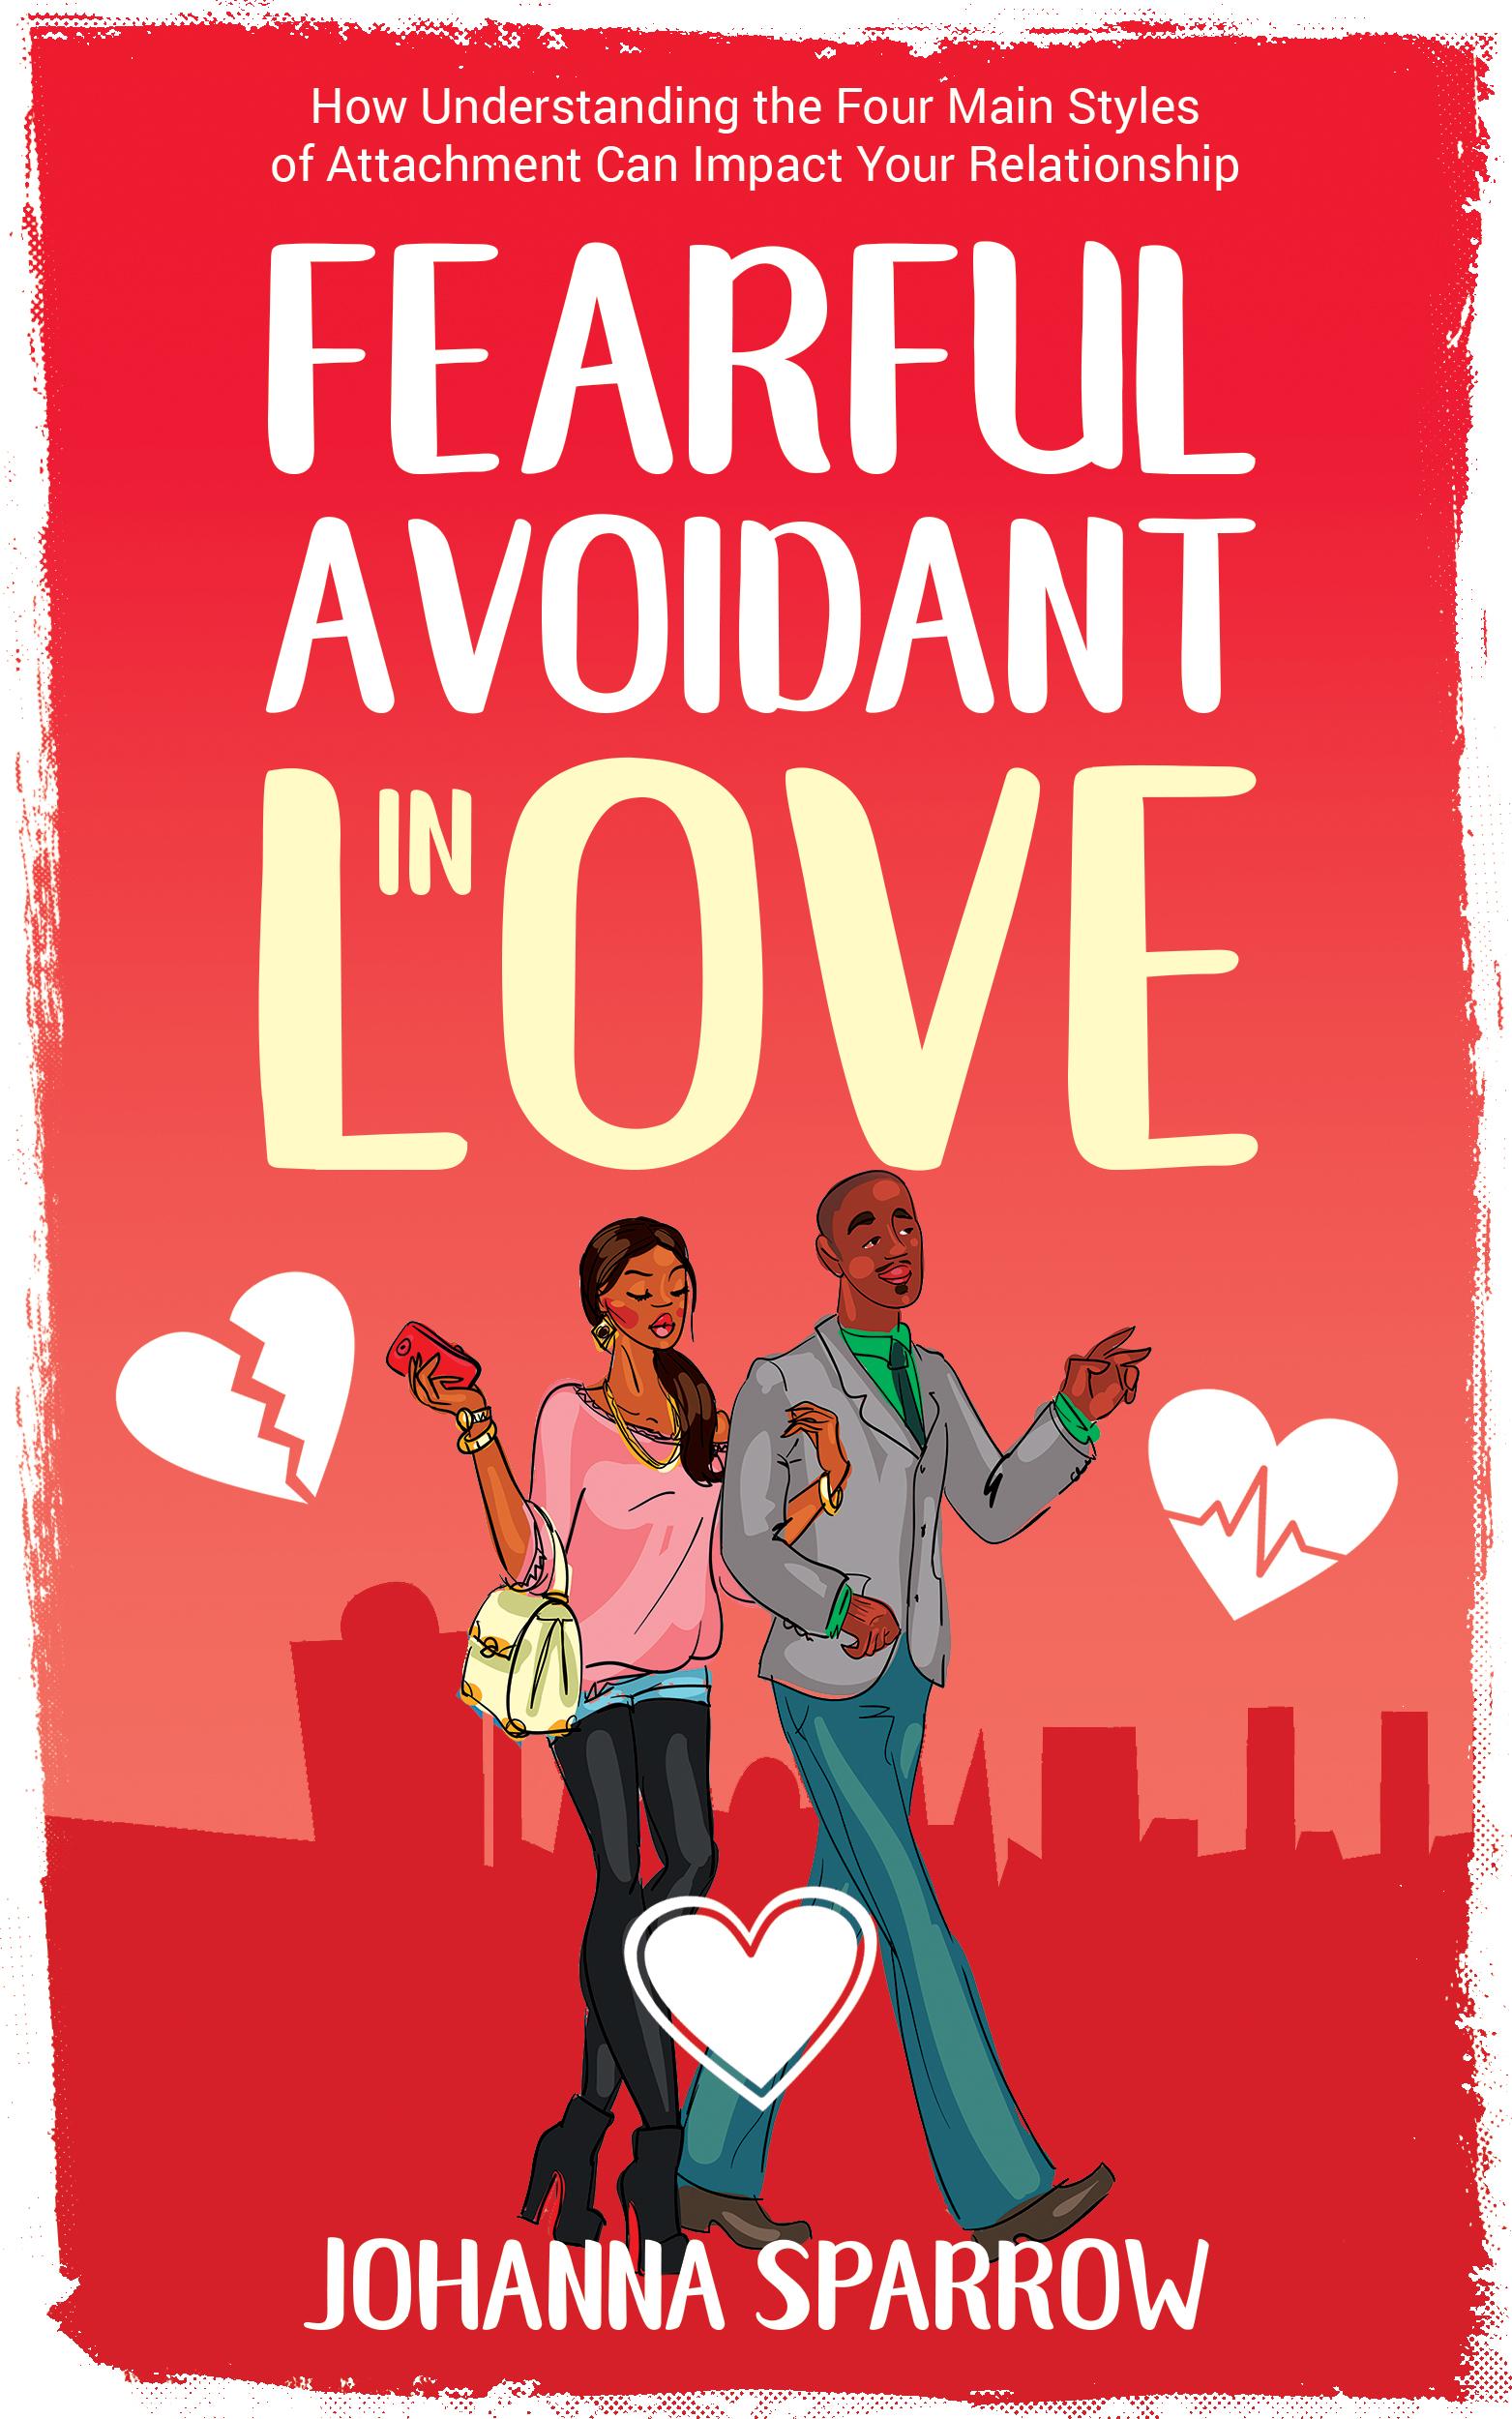 love avoidants in relationships